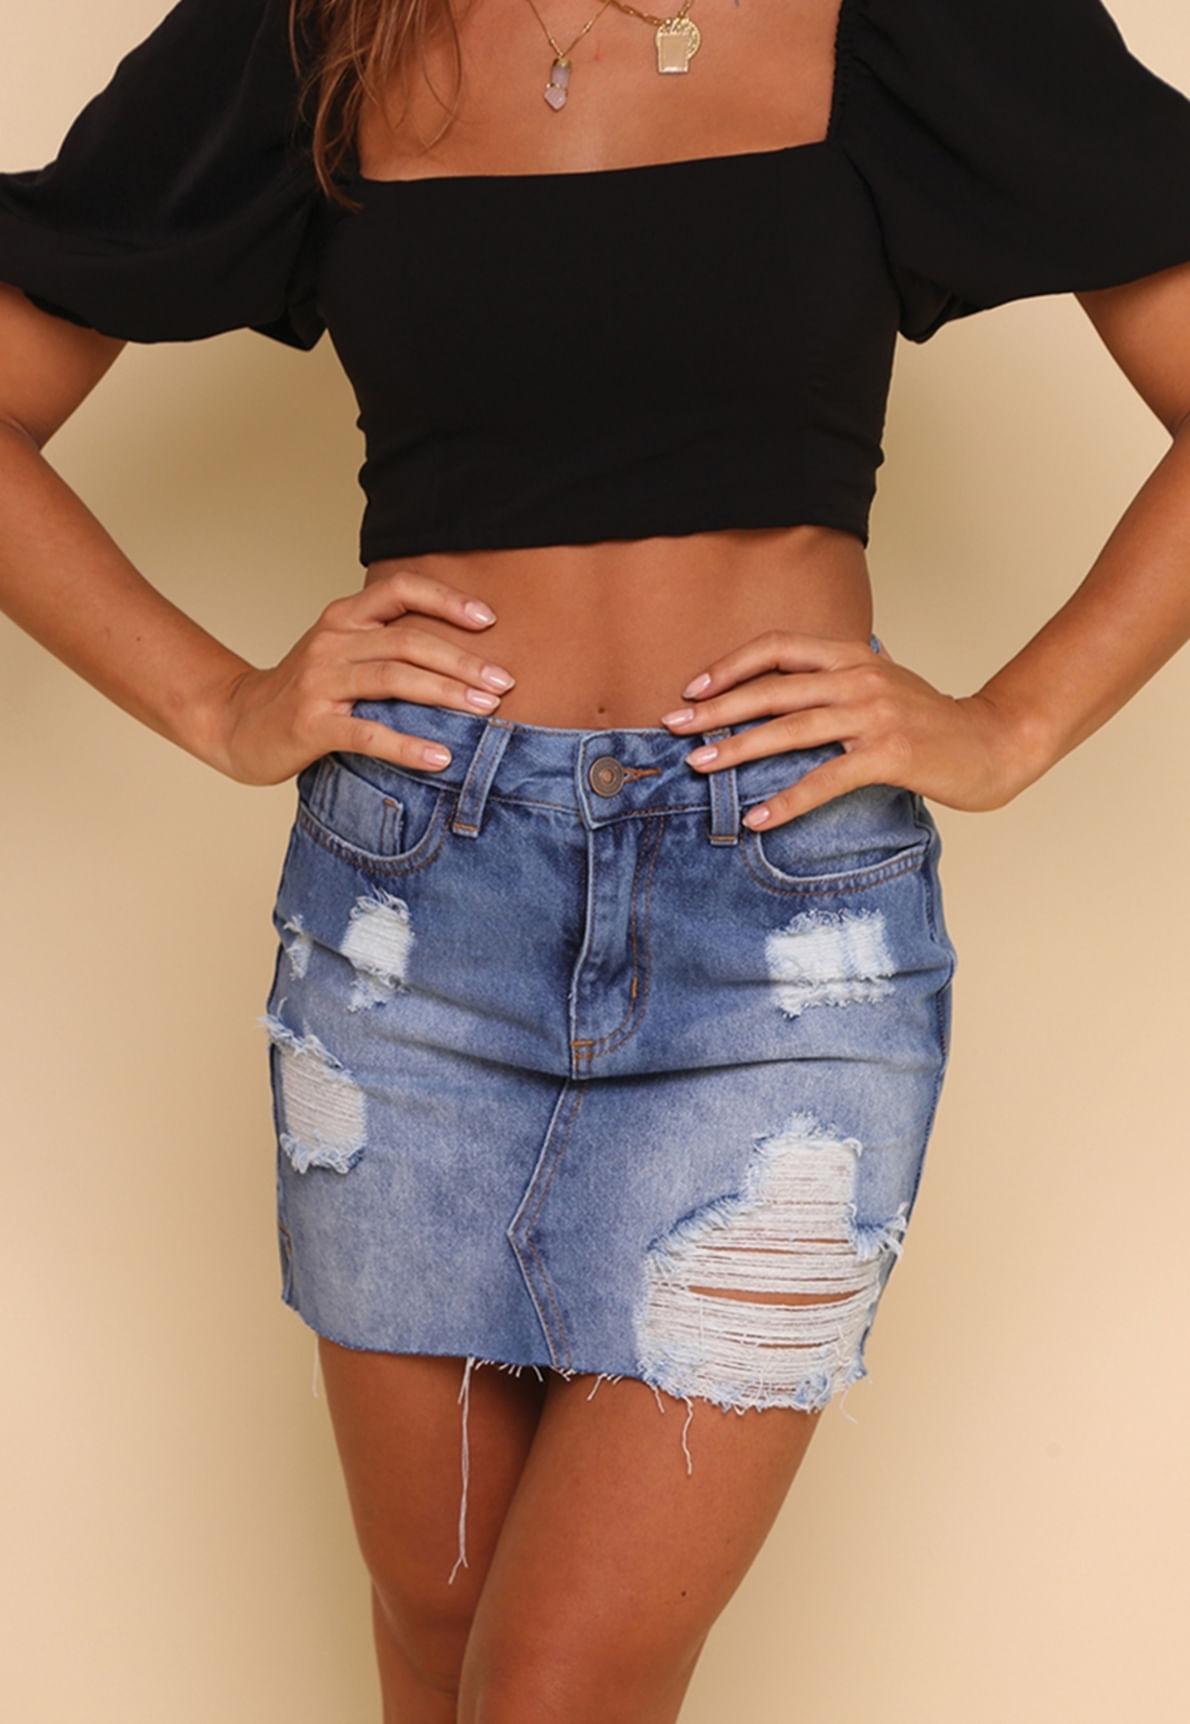 30384-saia-jeans-destroyed-jamie-mundo-lolita-04